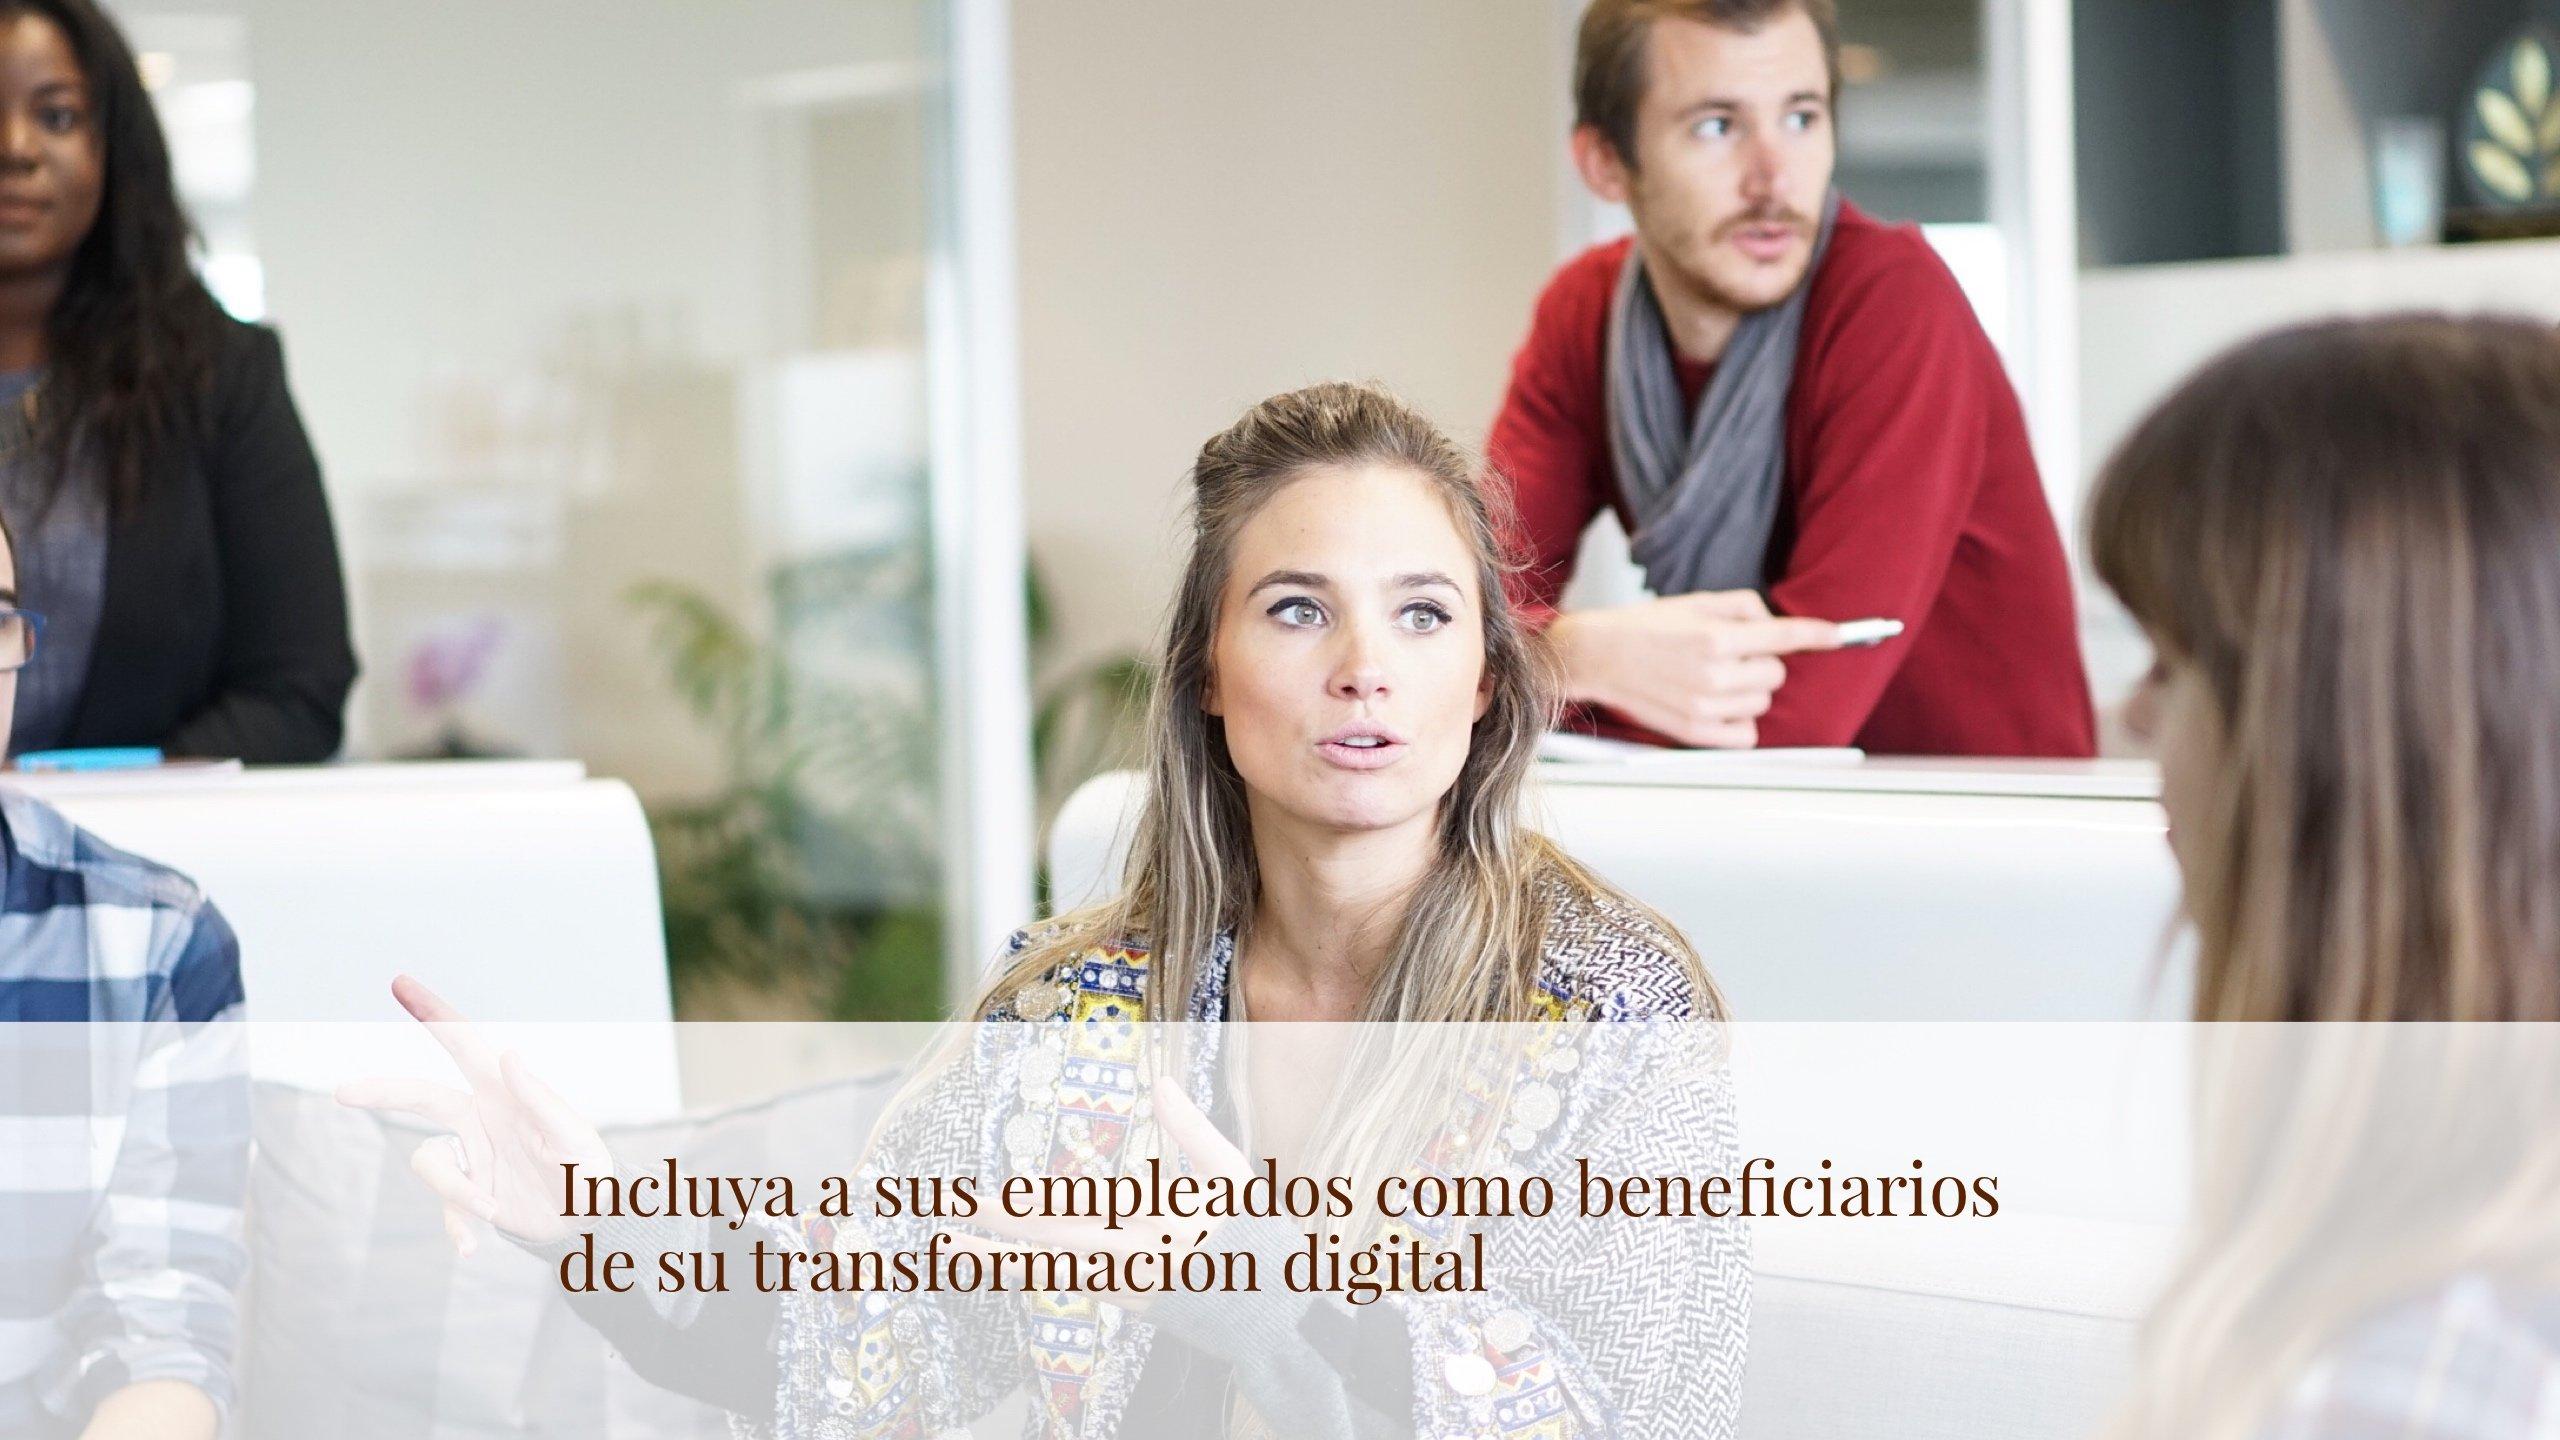 La importancia de transformar digitalmente a sus empleados | TECHcetera